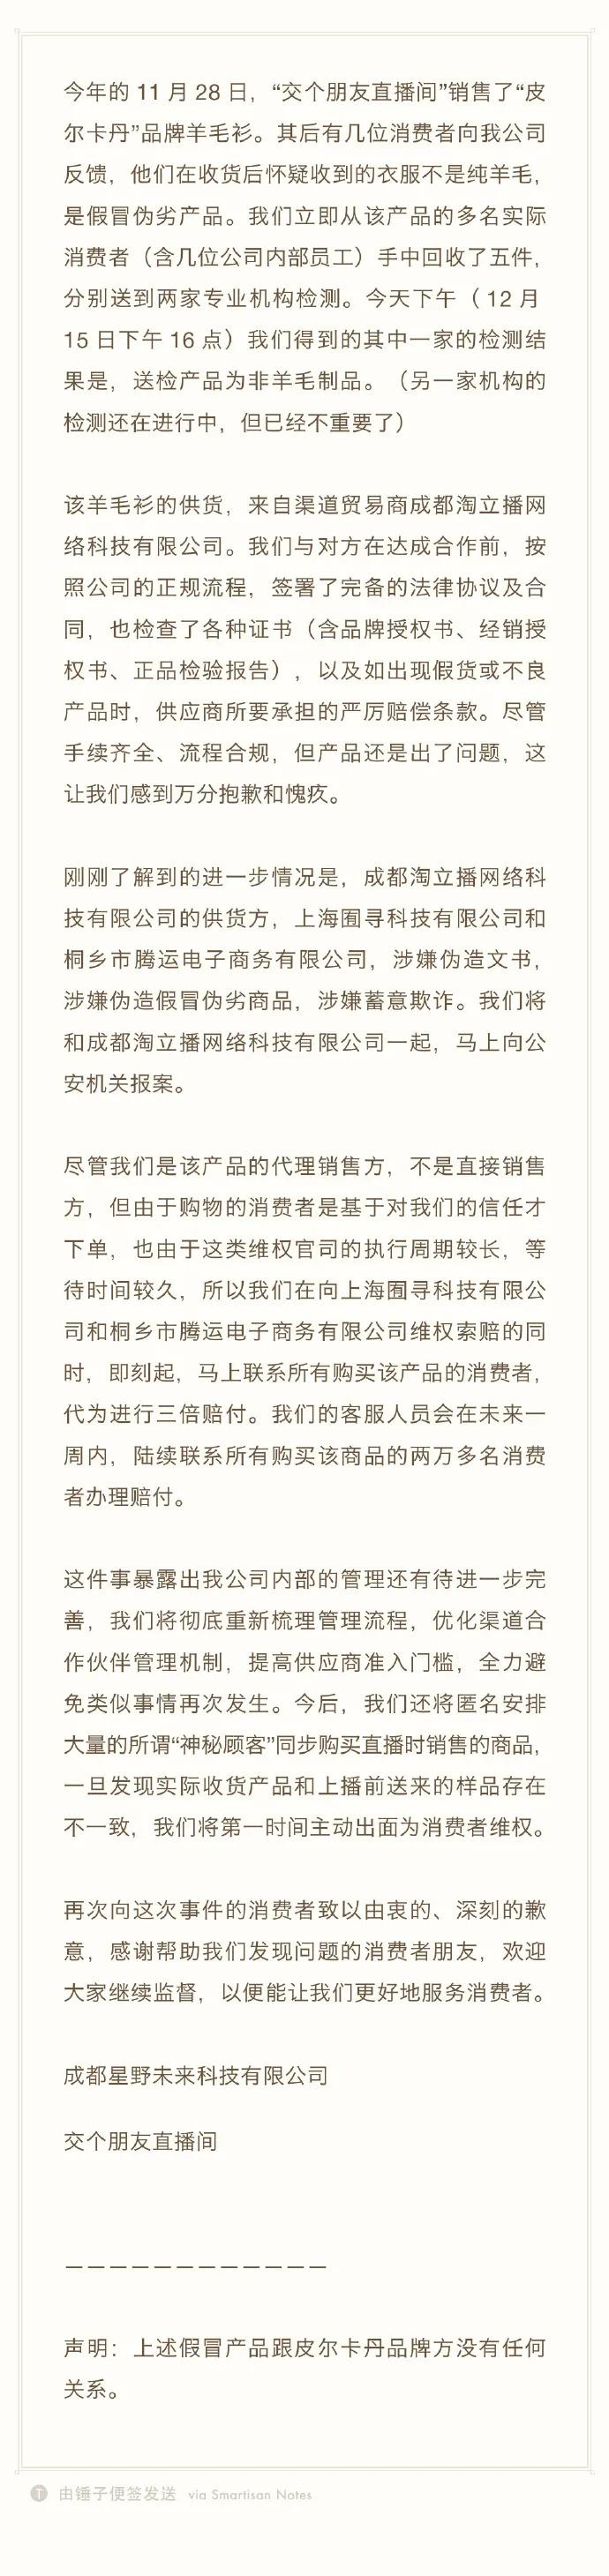 """涉嫌售假或走私,罗永浩卖兰蔻唇膏再遭""""打假"""";王海:若不道歉继续举报"""